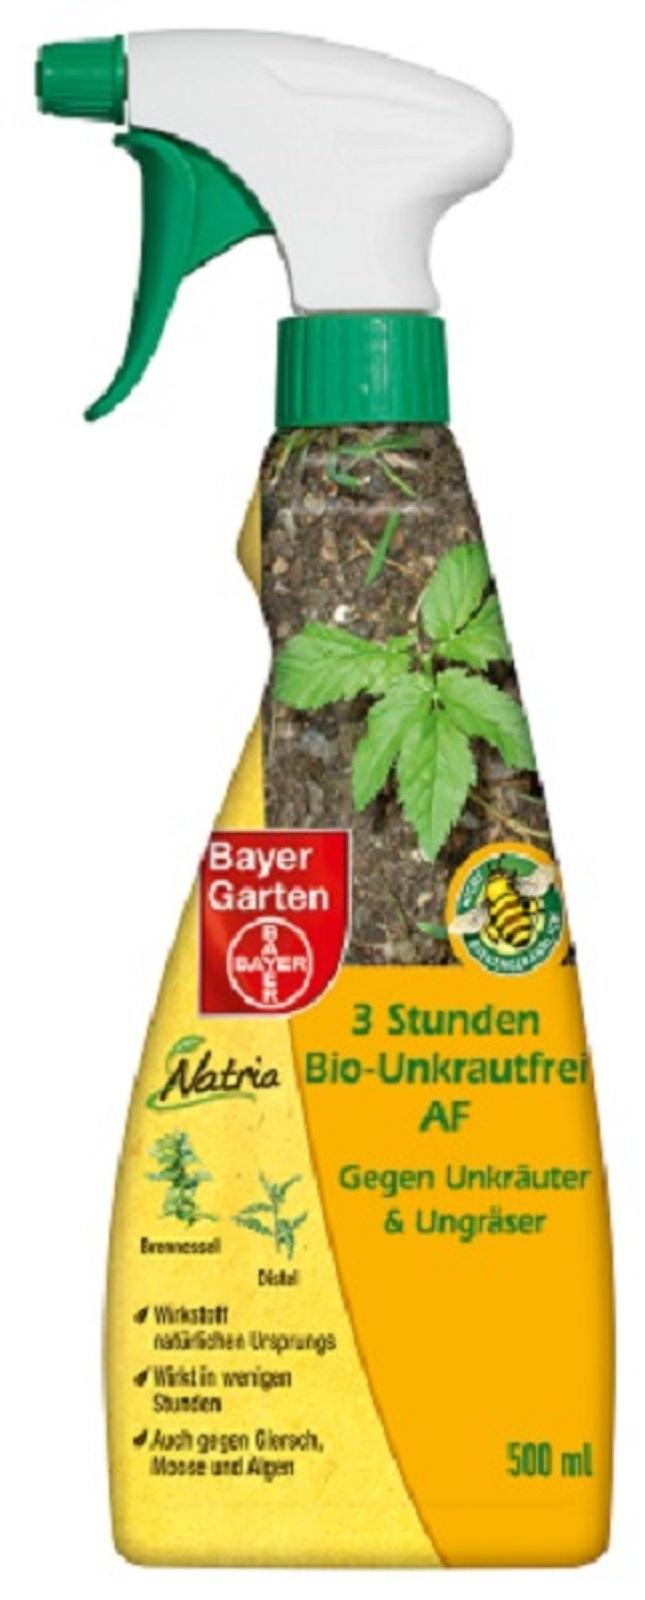 Bayer 3 Stunden Bio-Unkrautfrei 500 ml AF